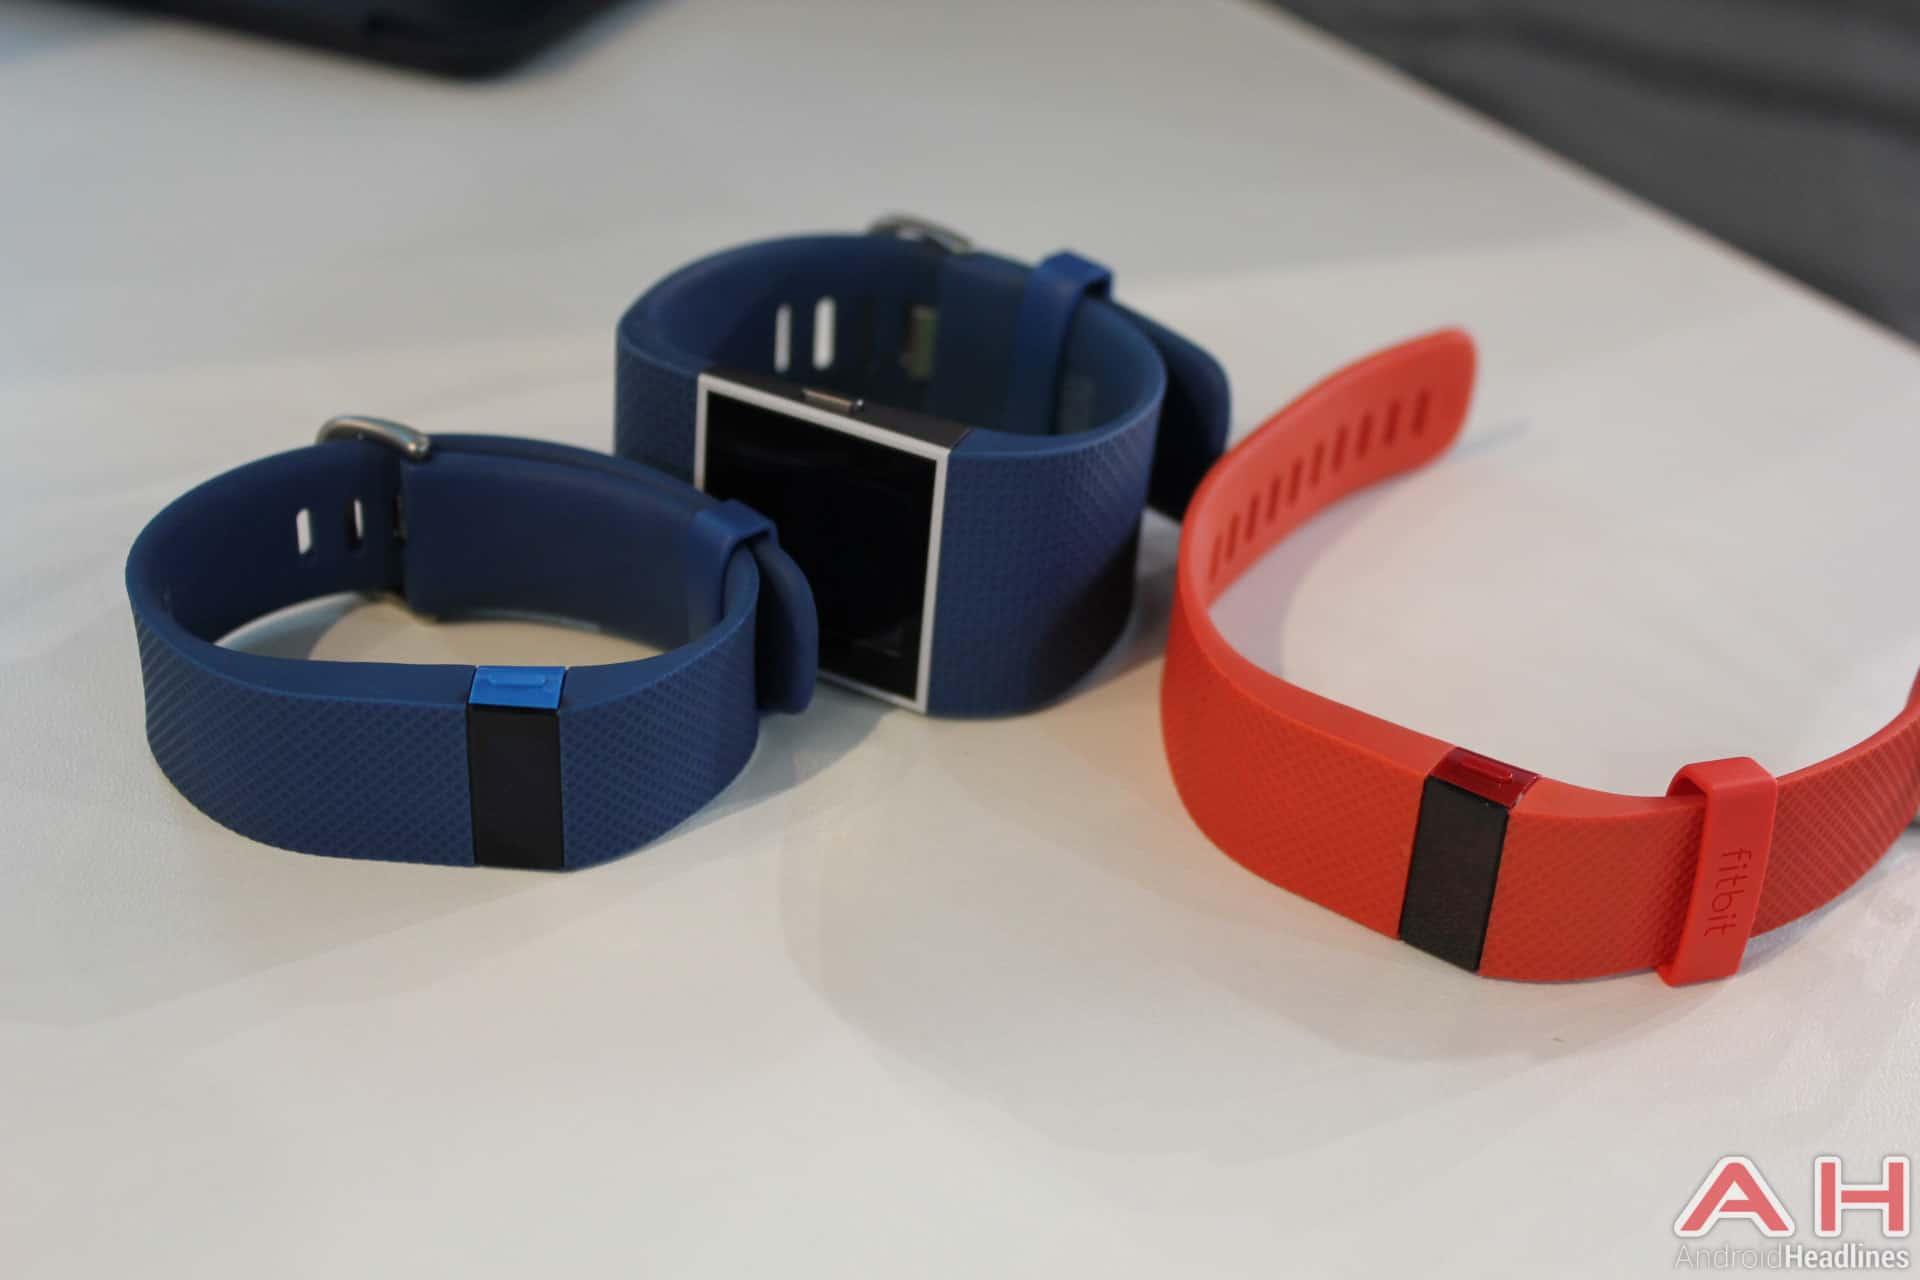 Fitbit AH 1